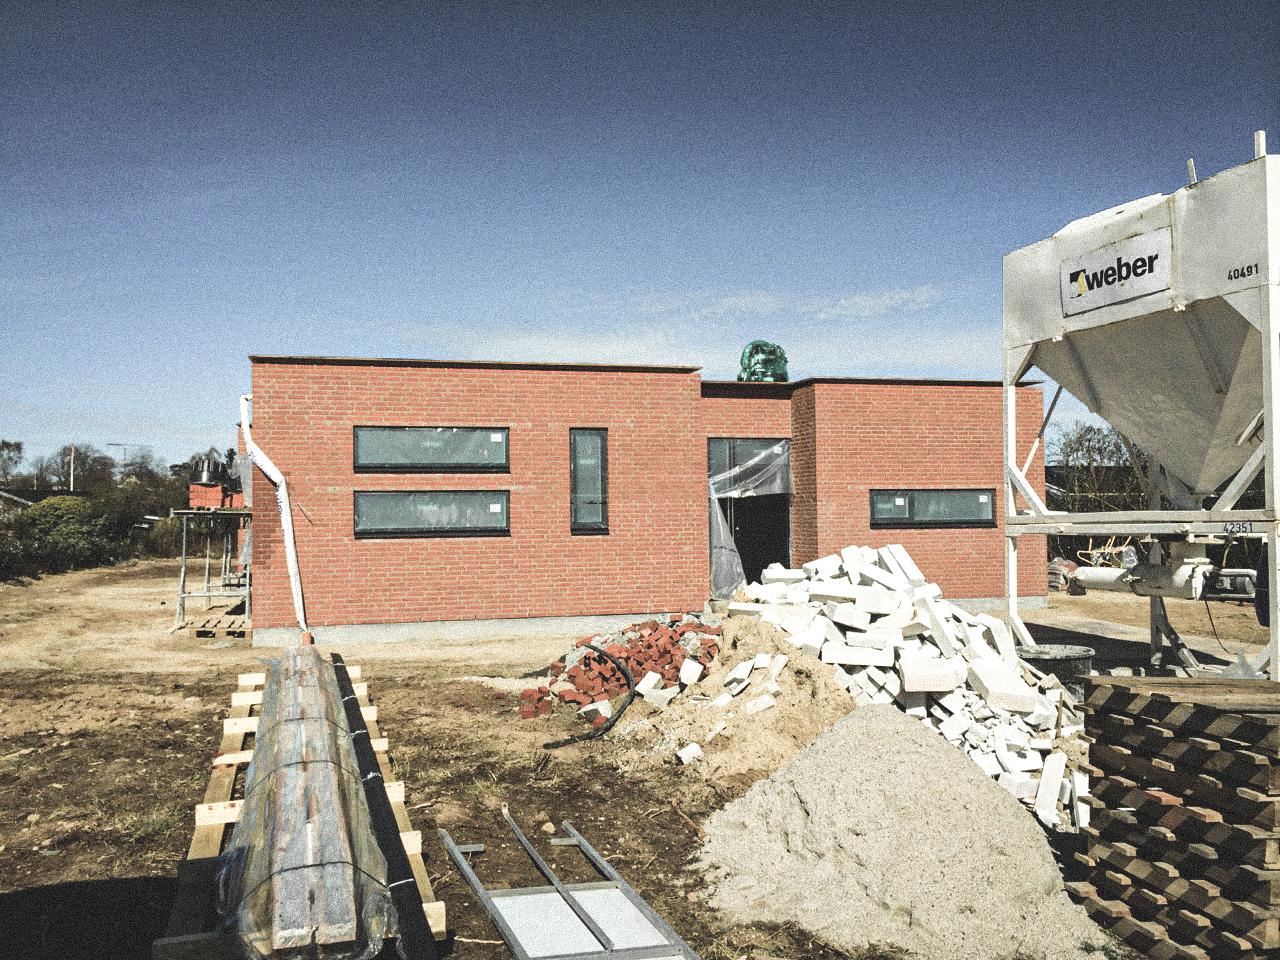 Billede af et igangværende byggeri i Nødebo/Hillerød, tegnet af arkitektfirmaet m2plus.